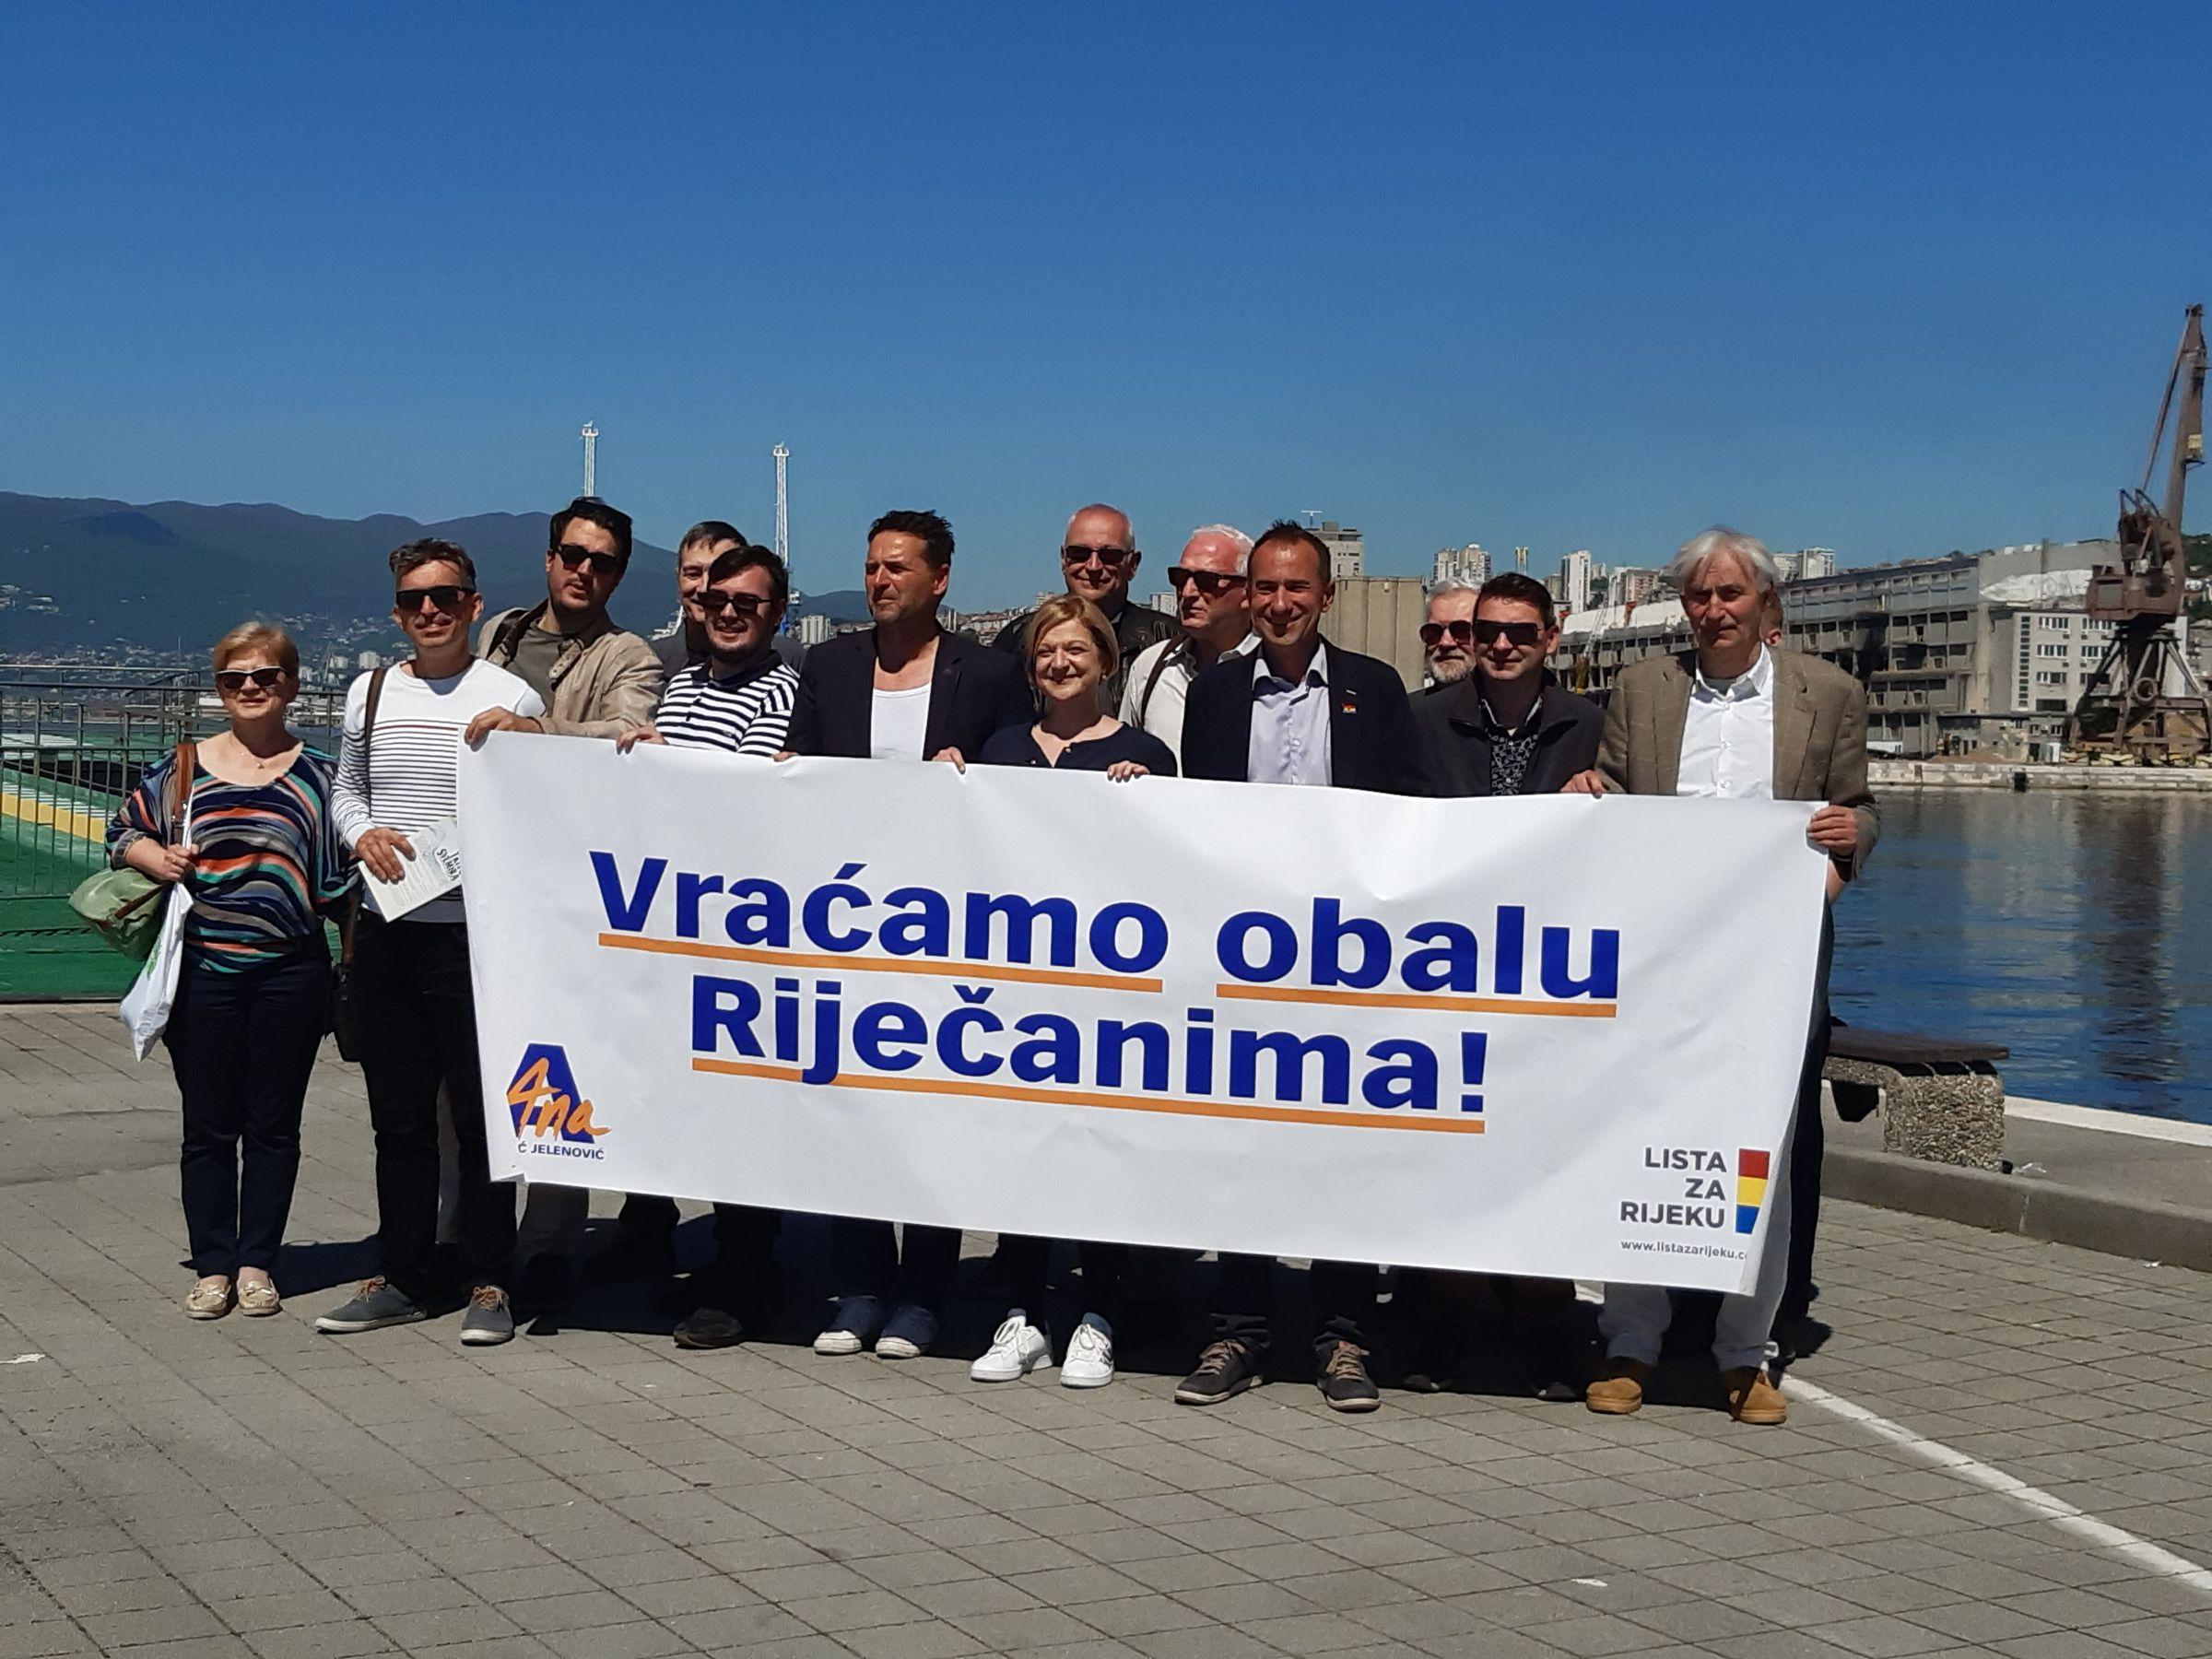 Kandidati Liste za Rijeku i Kvarnerske inicijative na Molo longu / Foto Mirjana Grce